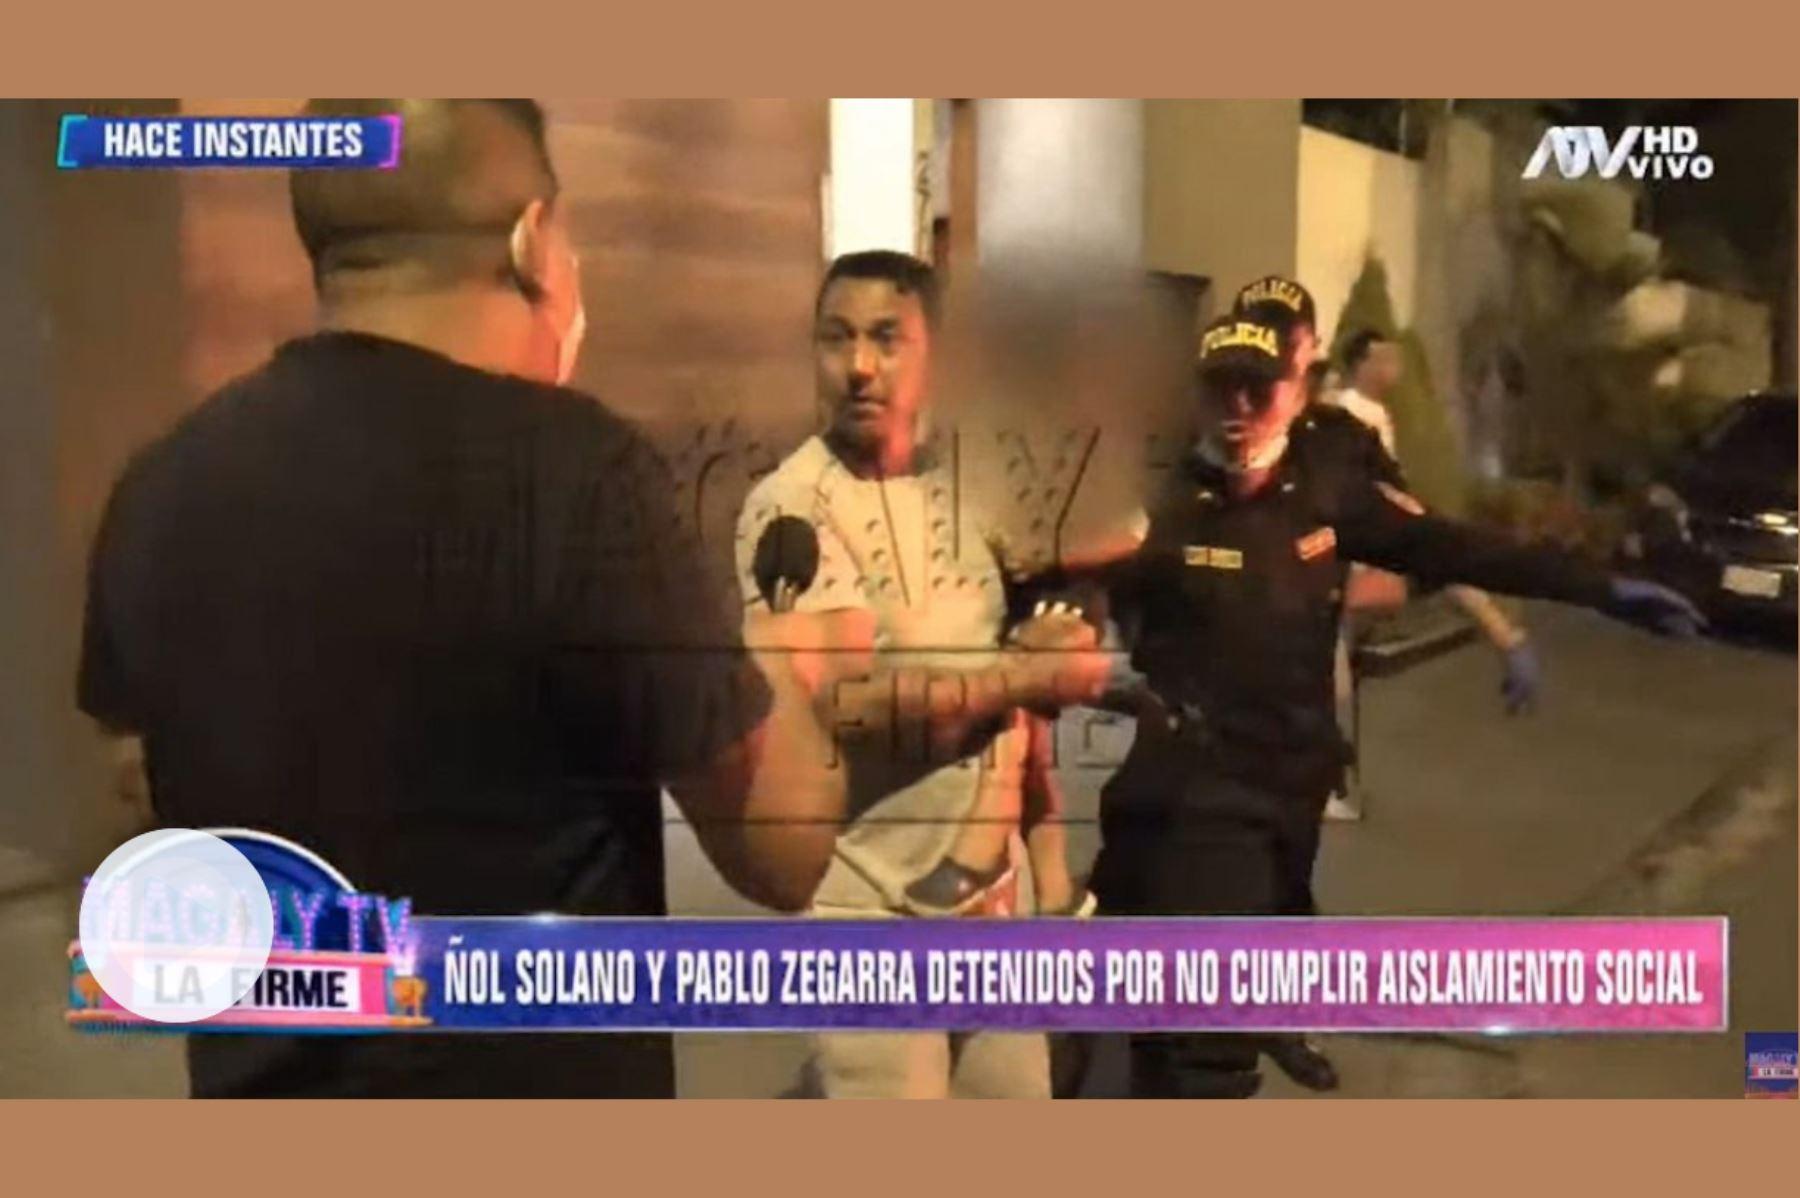 El entrenador nacional negó que se tratase de una fiesta. Foto: captura de TV.